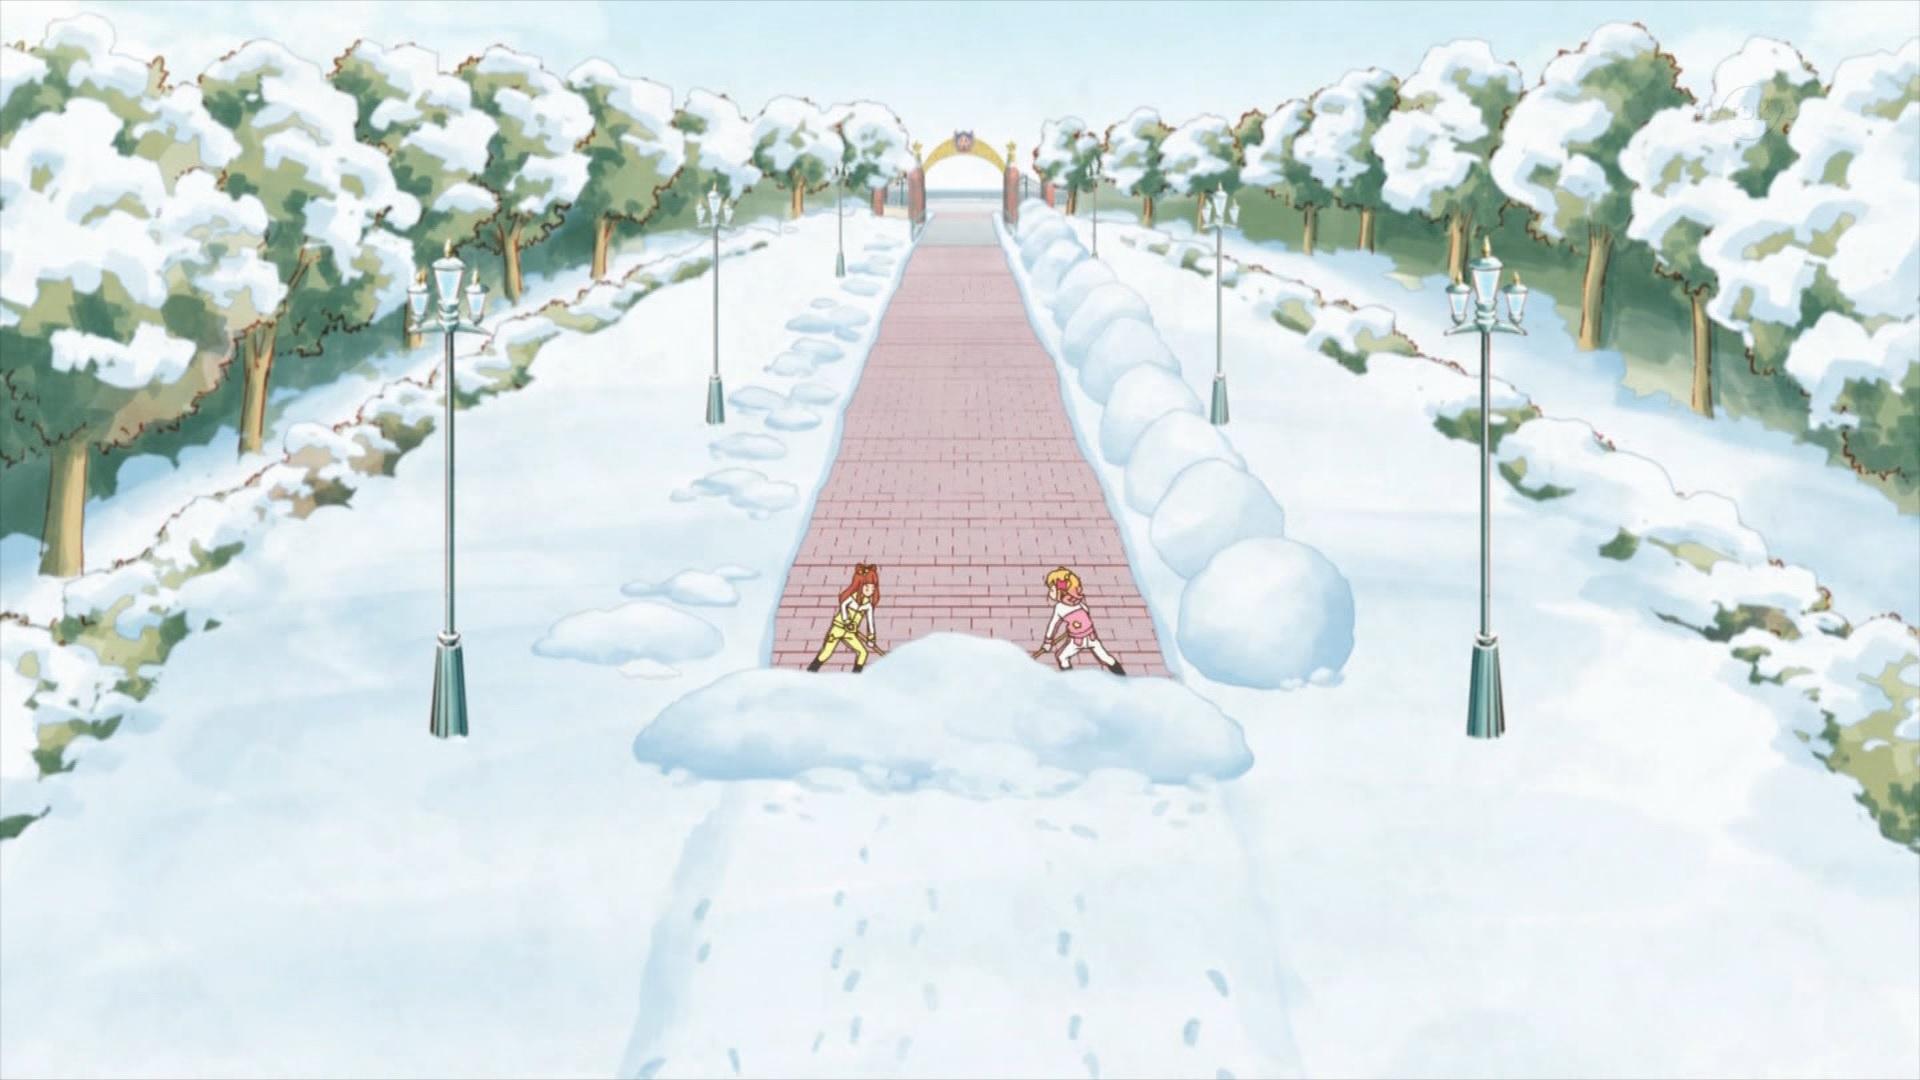 雪かきする虹野ゆめと早乙女あこ(44話画像)